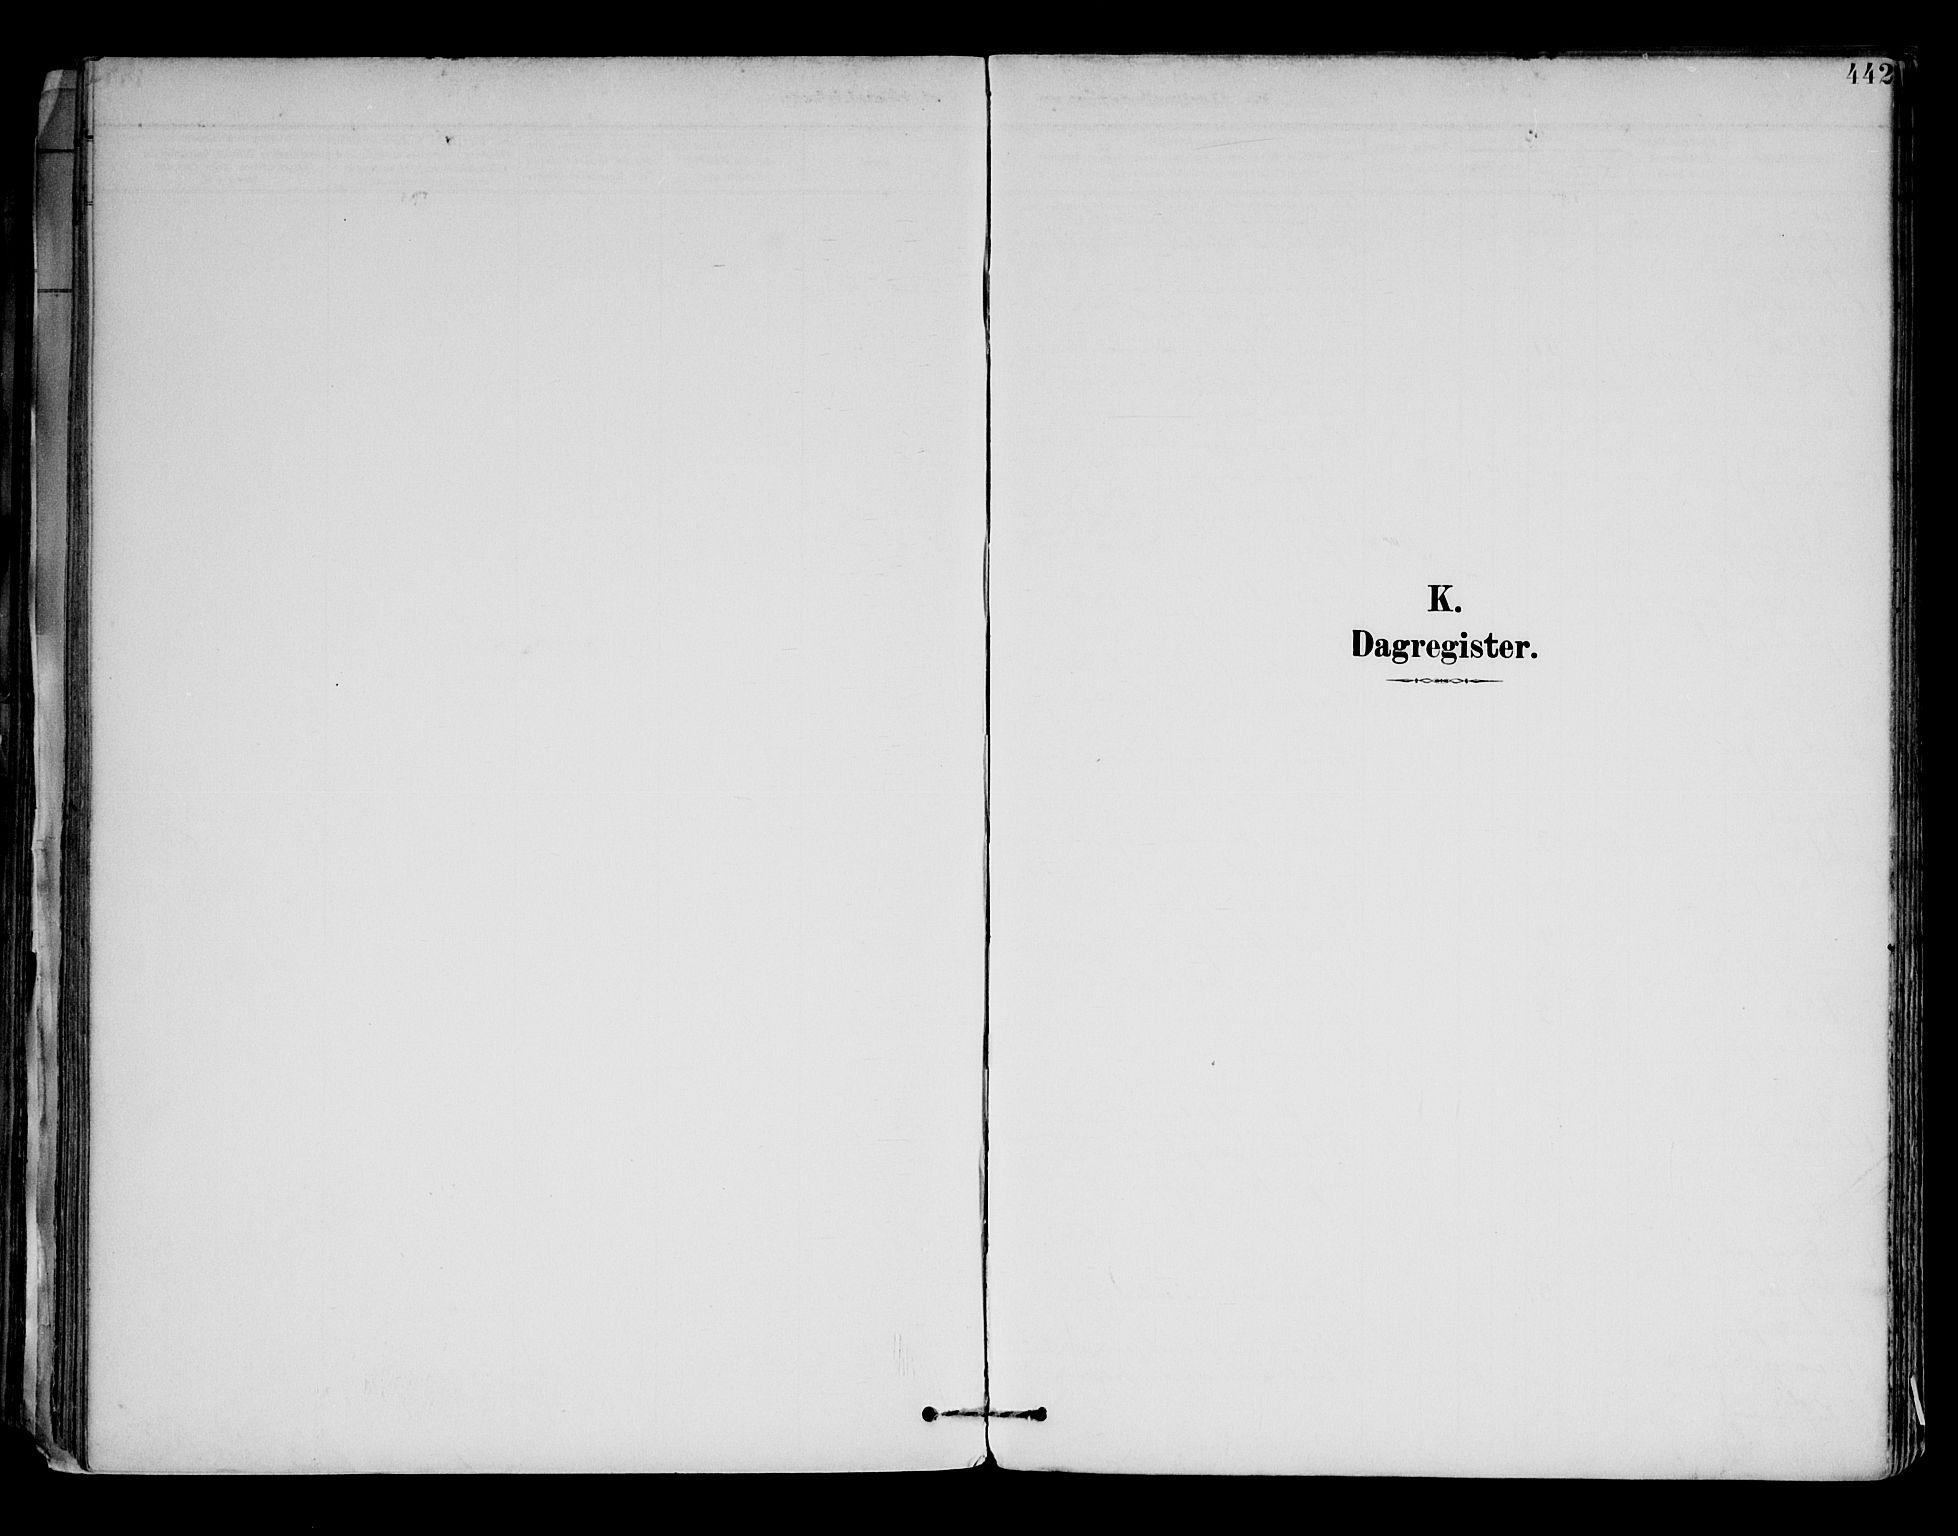 SAH, Brandval prestekontor, H/Ha/Haa/L0003: Ministerialbok nr. 3, 1894-1909, s. 442